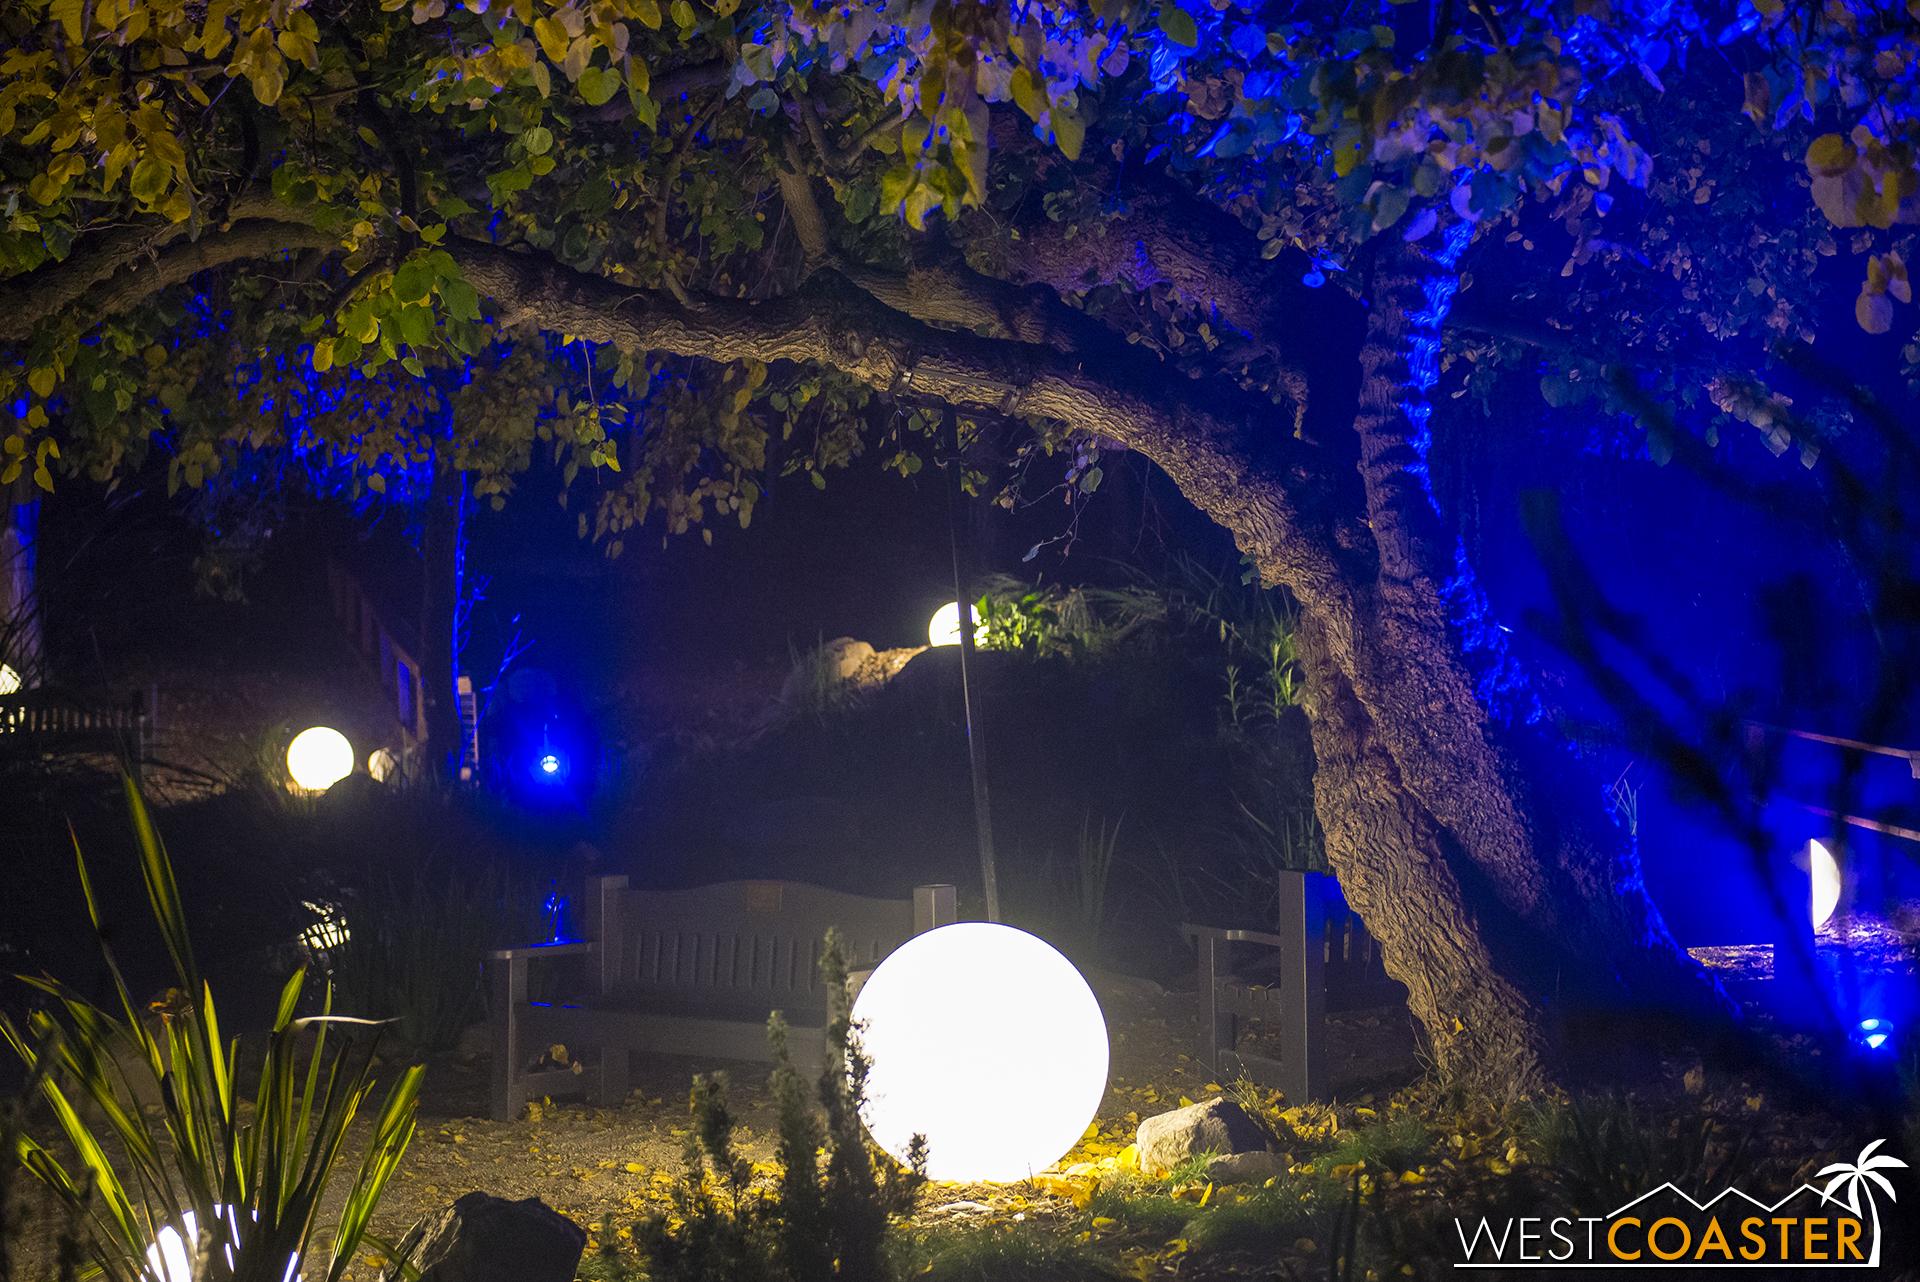 Descanso-17_1201-04-LightwaveLake-0008.jpg